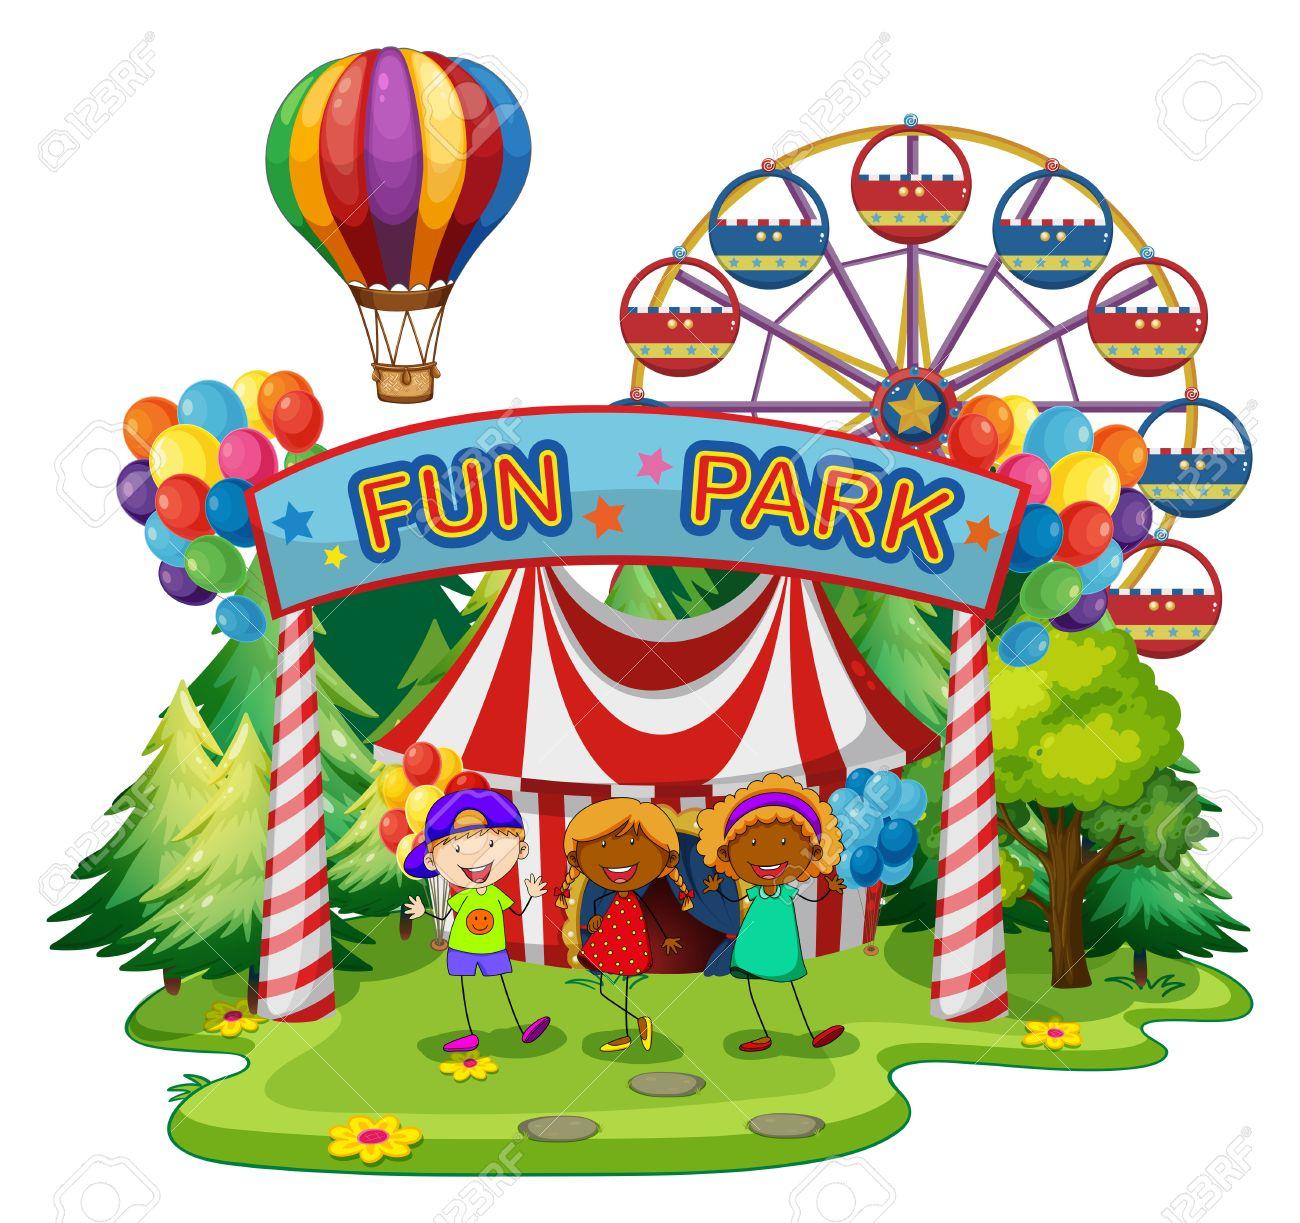 amusement stock photos royalty free amusement images rh 123rf com theme park clipart free theme park clipart